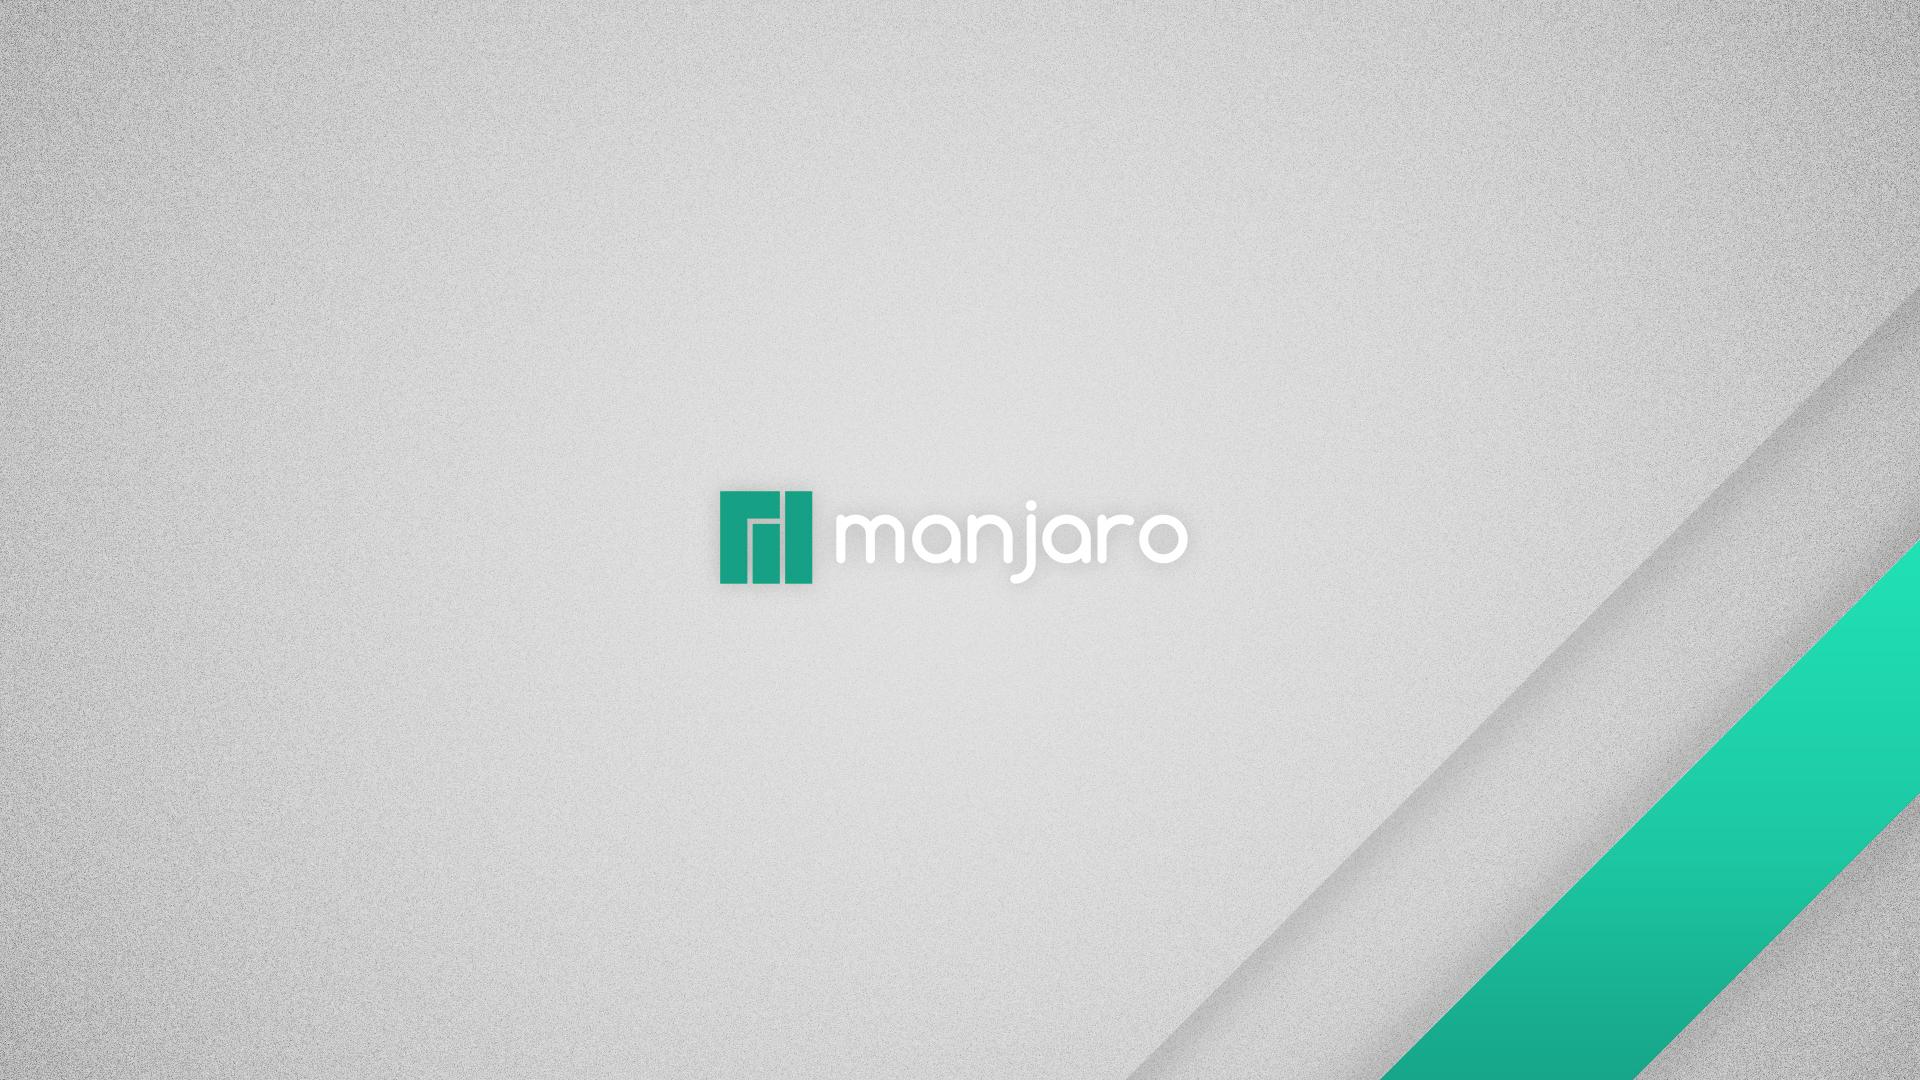 Oen of the default Manjaro wallpapers.